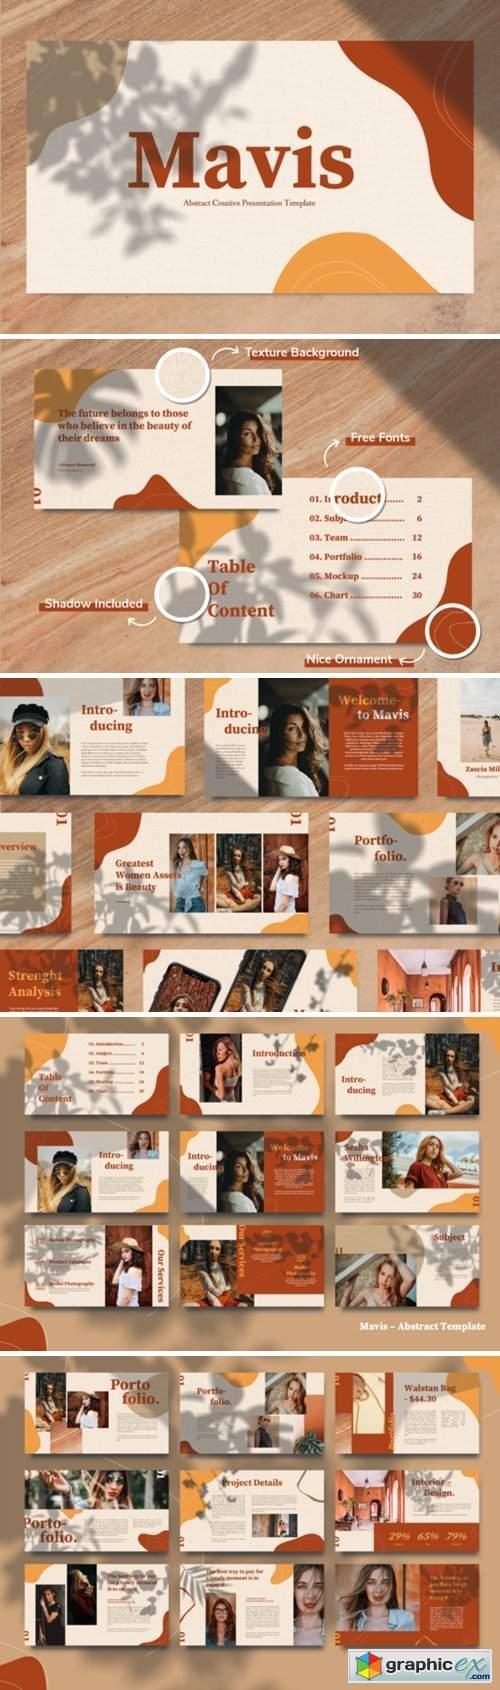 Mavis - Abstract Lookbook Keynote Template